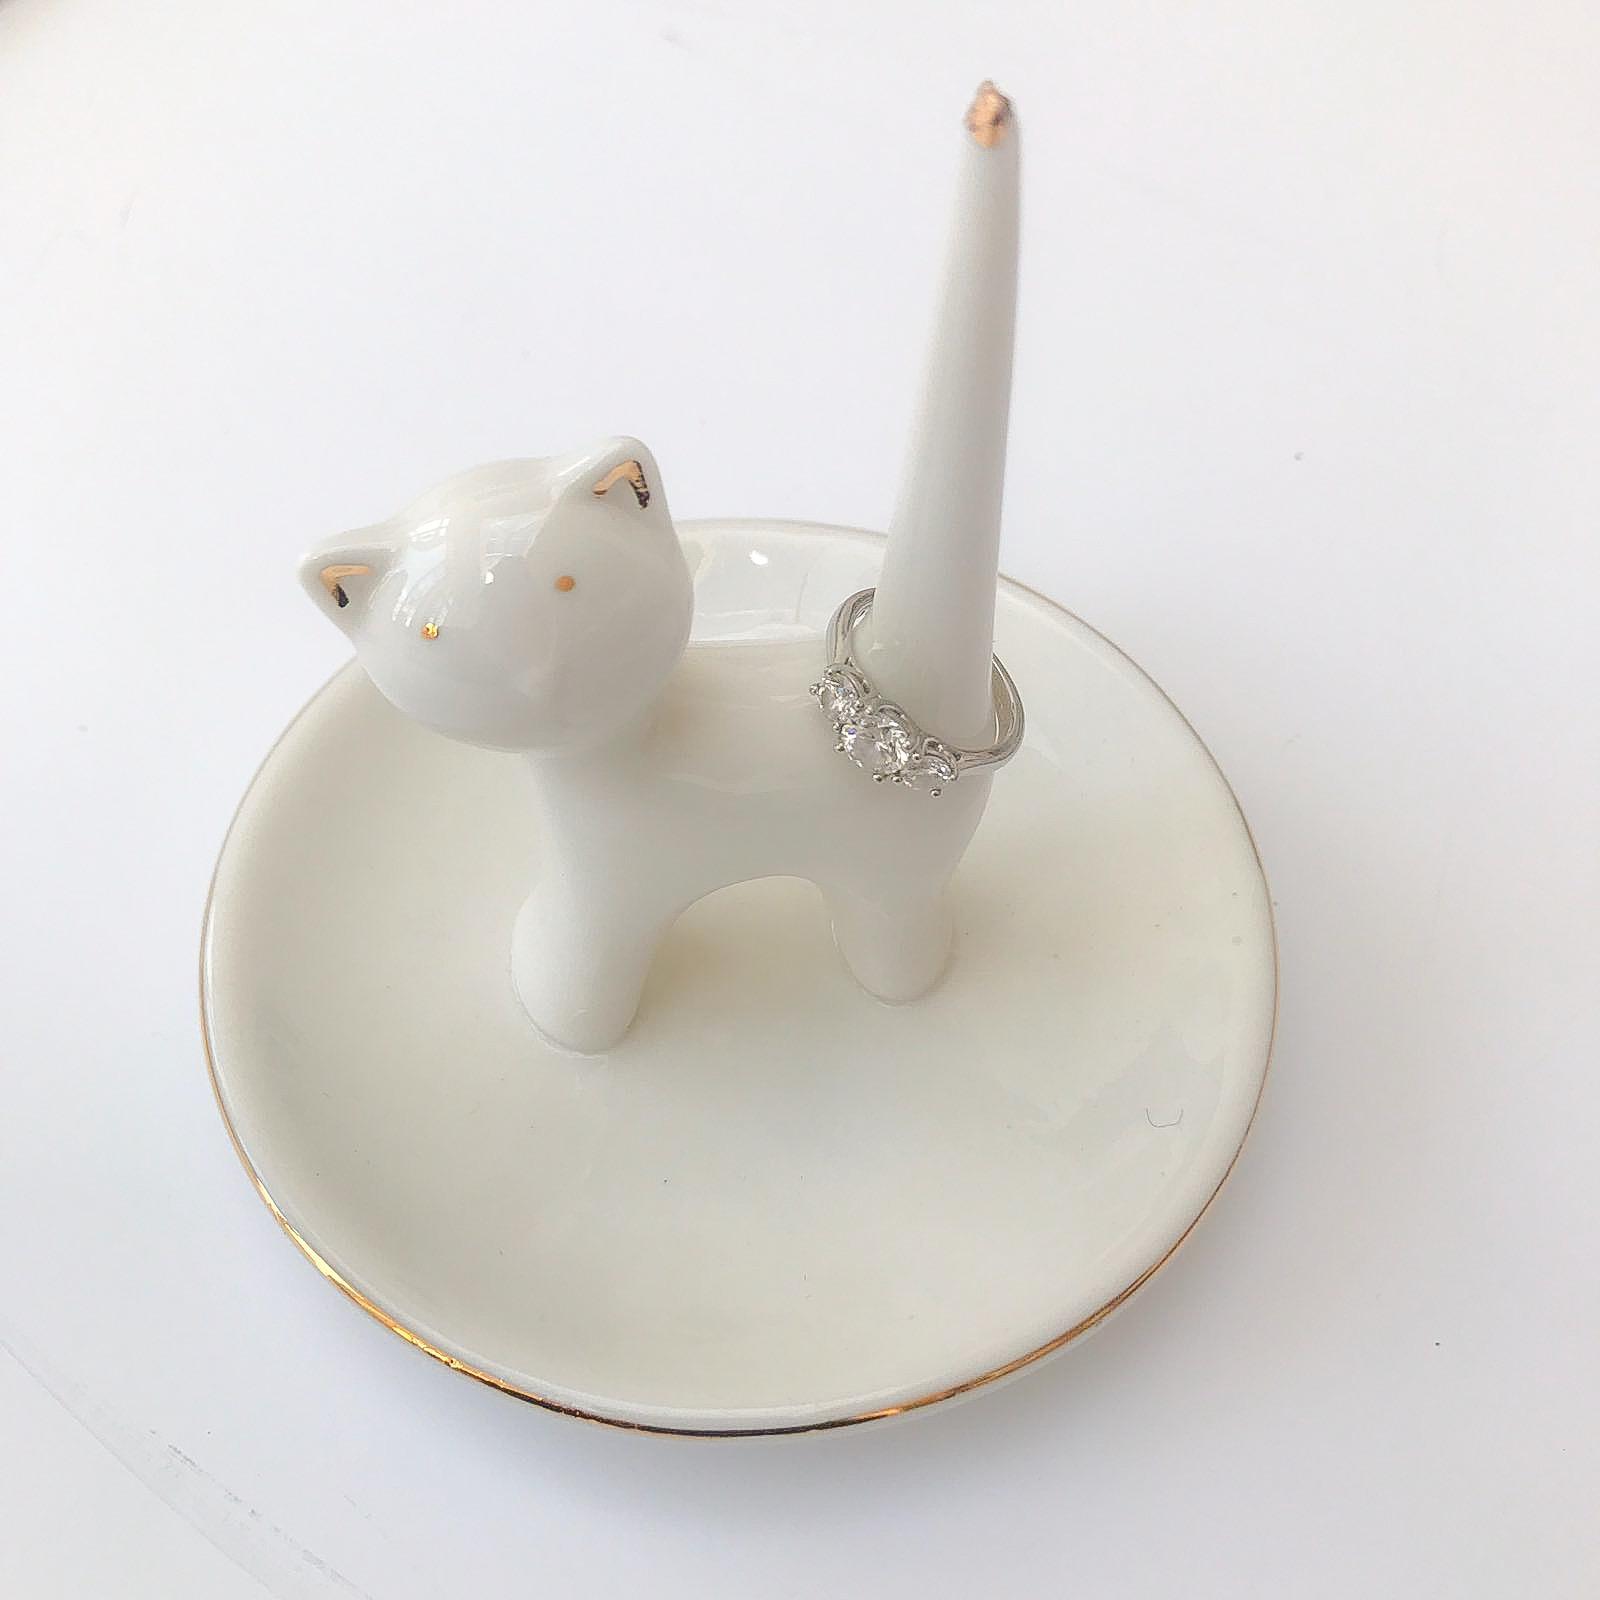 cat ring holder  evie loves toast - cat ring holder